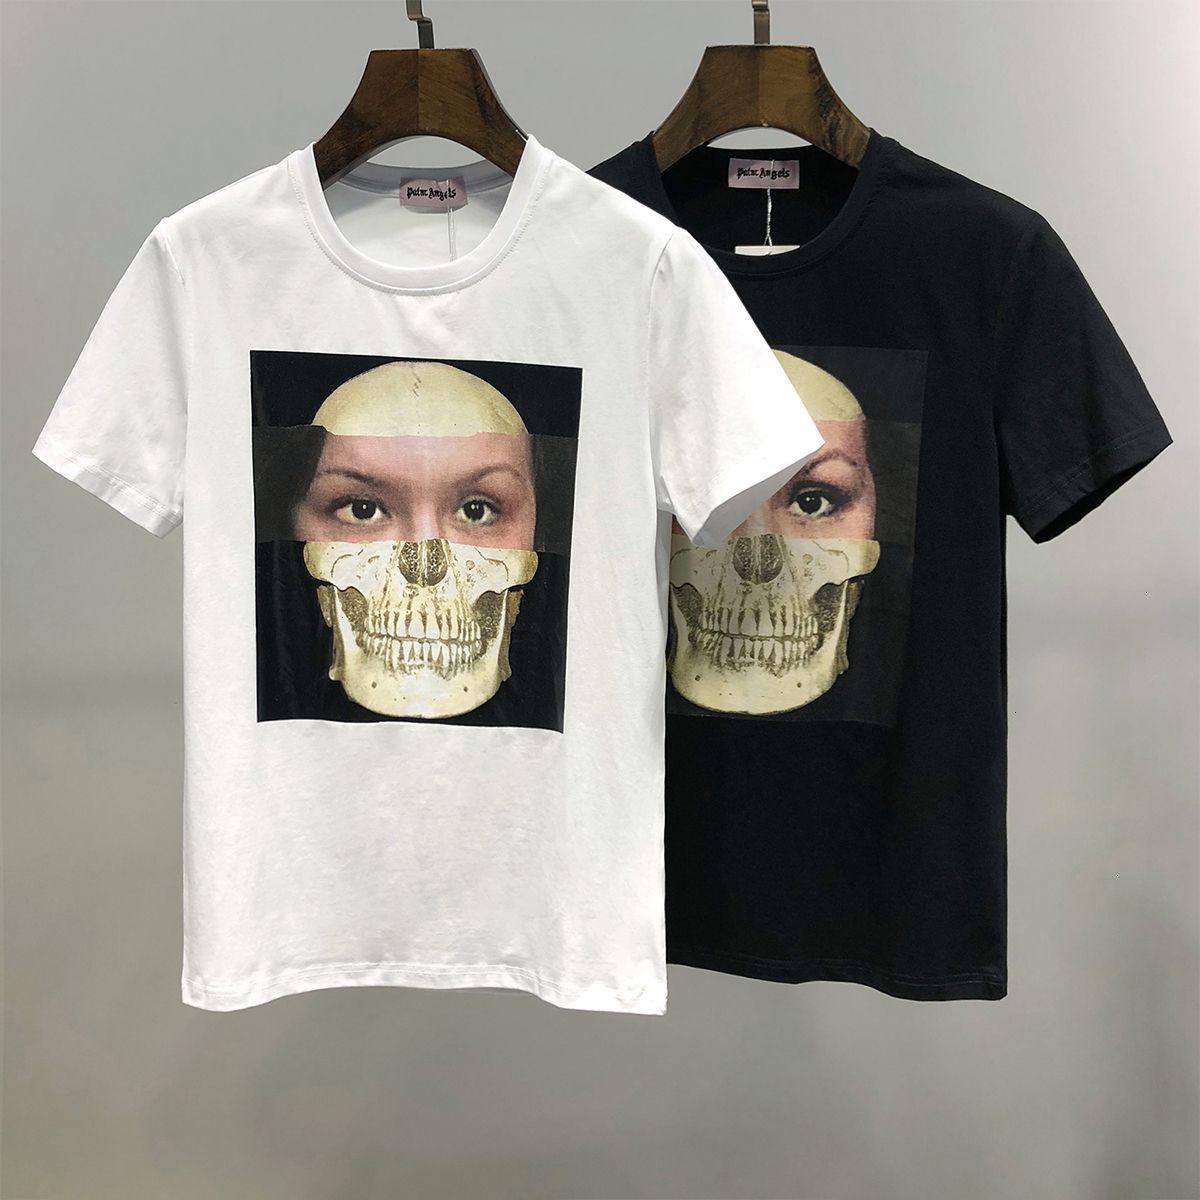 2020 Человек лето с коротким рукавом футболки Pure тонкий Одежда Новый шаблон Trend Свободное время Мужская одежда 11284